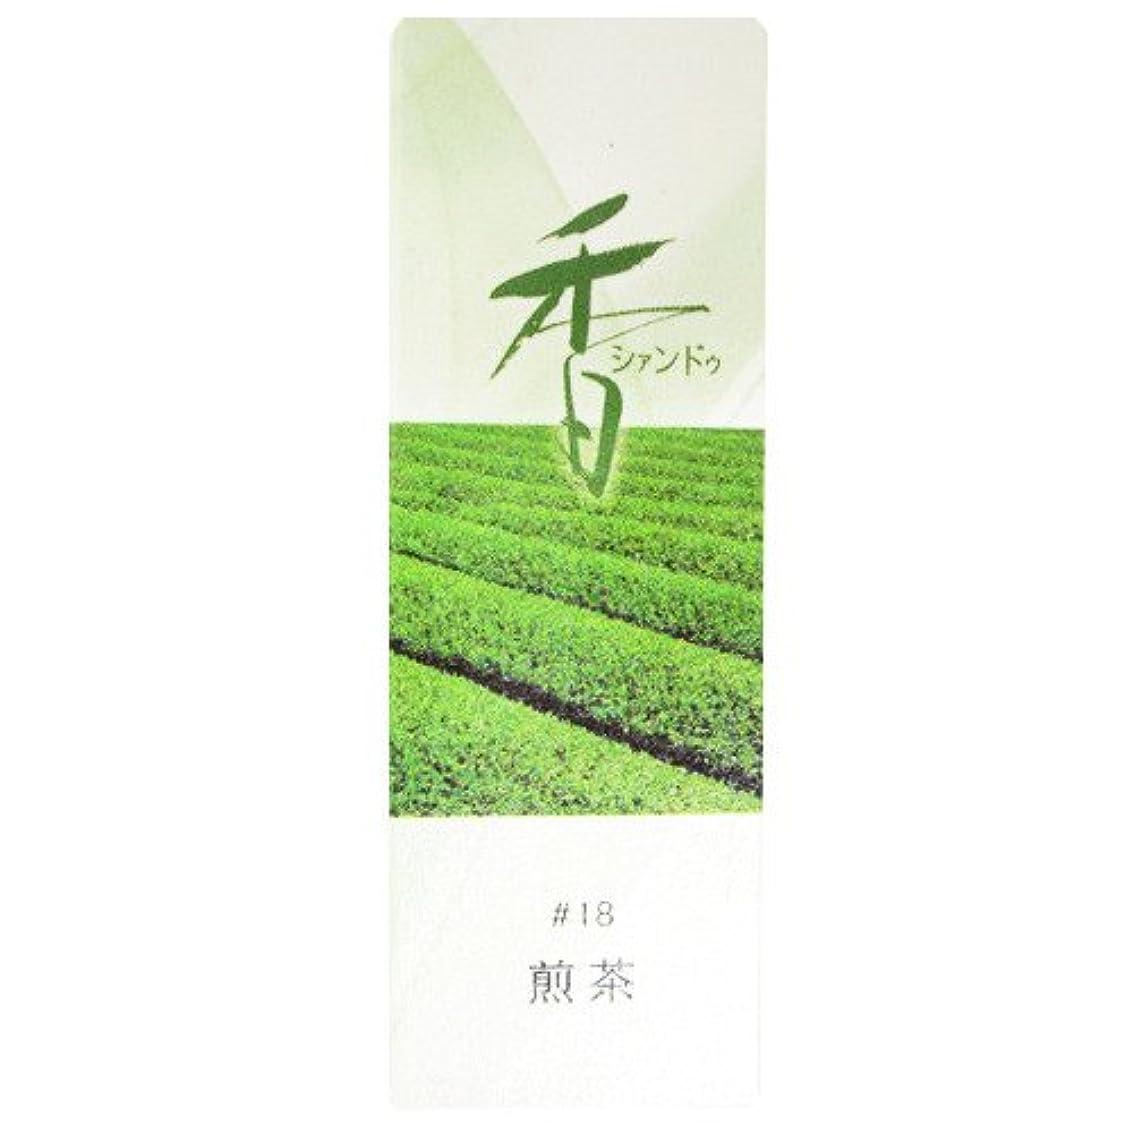 胃偽造パワー松栄堂のお香 Xiang Do(シャンドゥ) 煎茶 ST20本入 簡易香立付 #214218